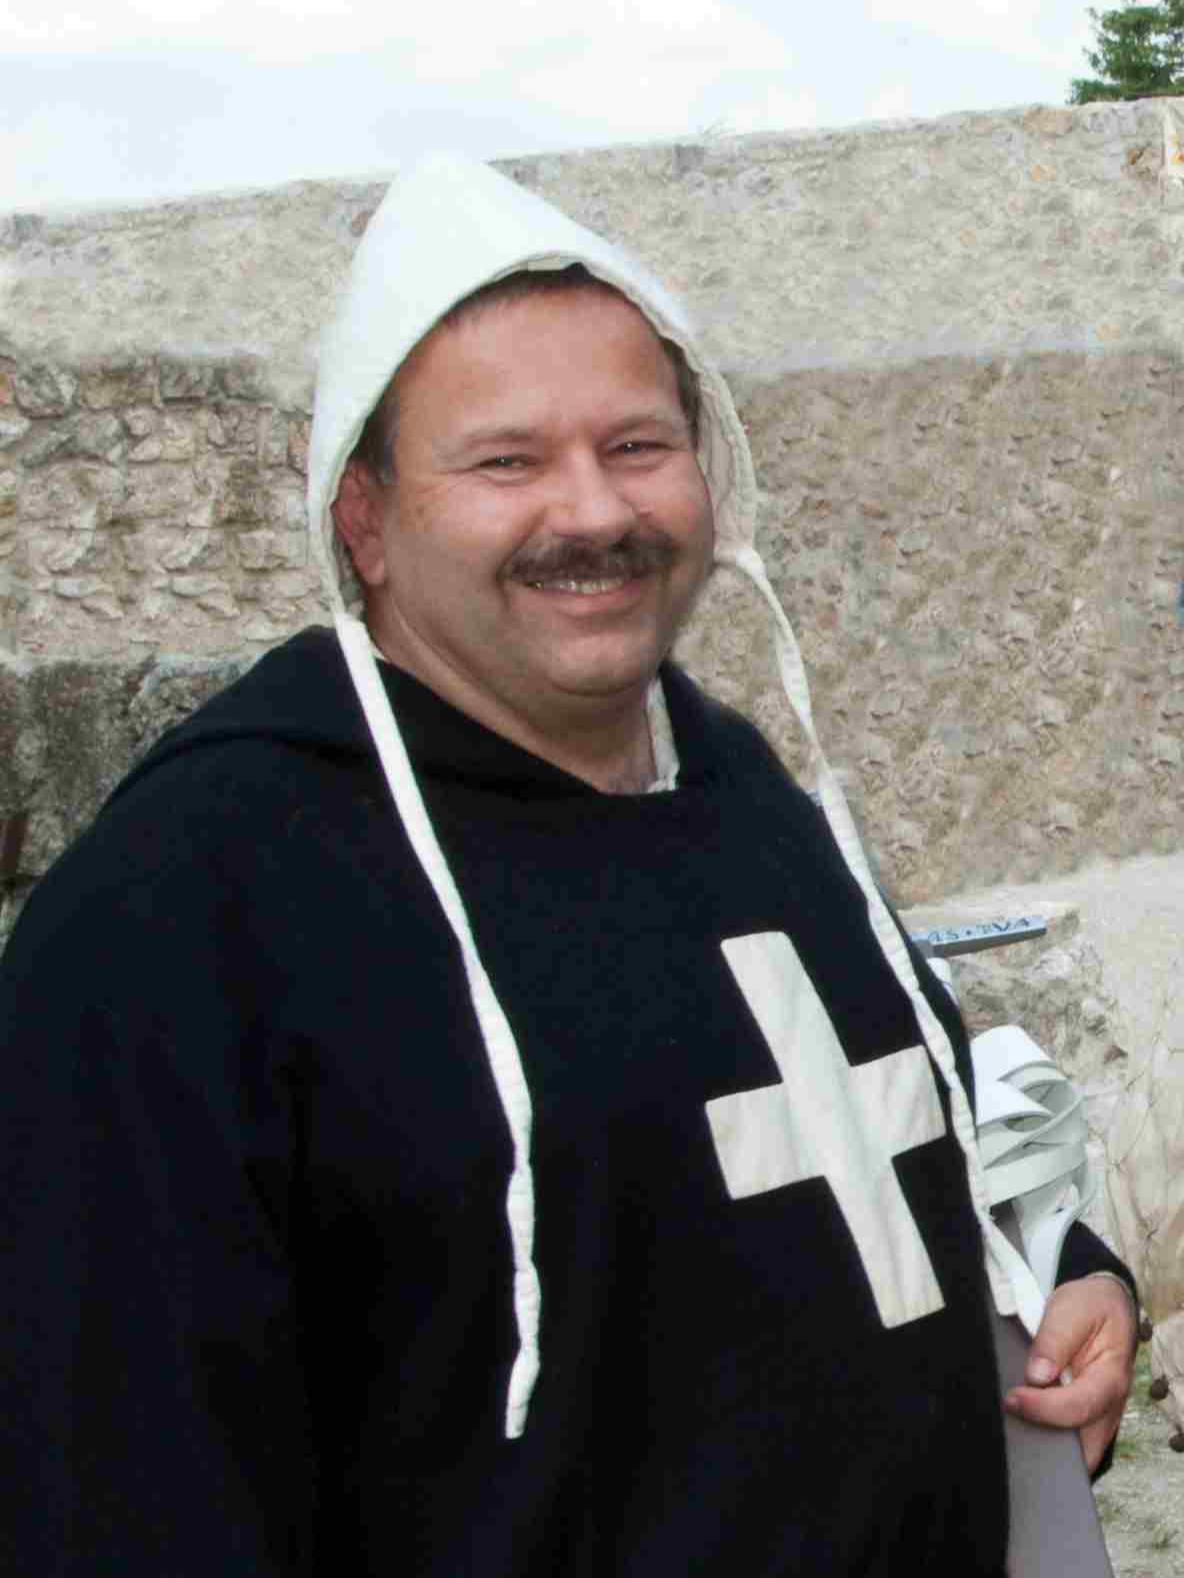 Wilfried der Johanniter